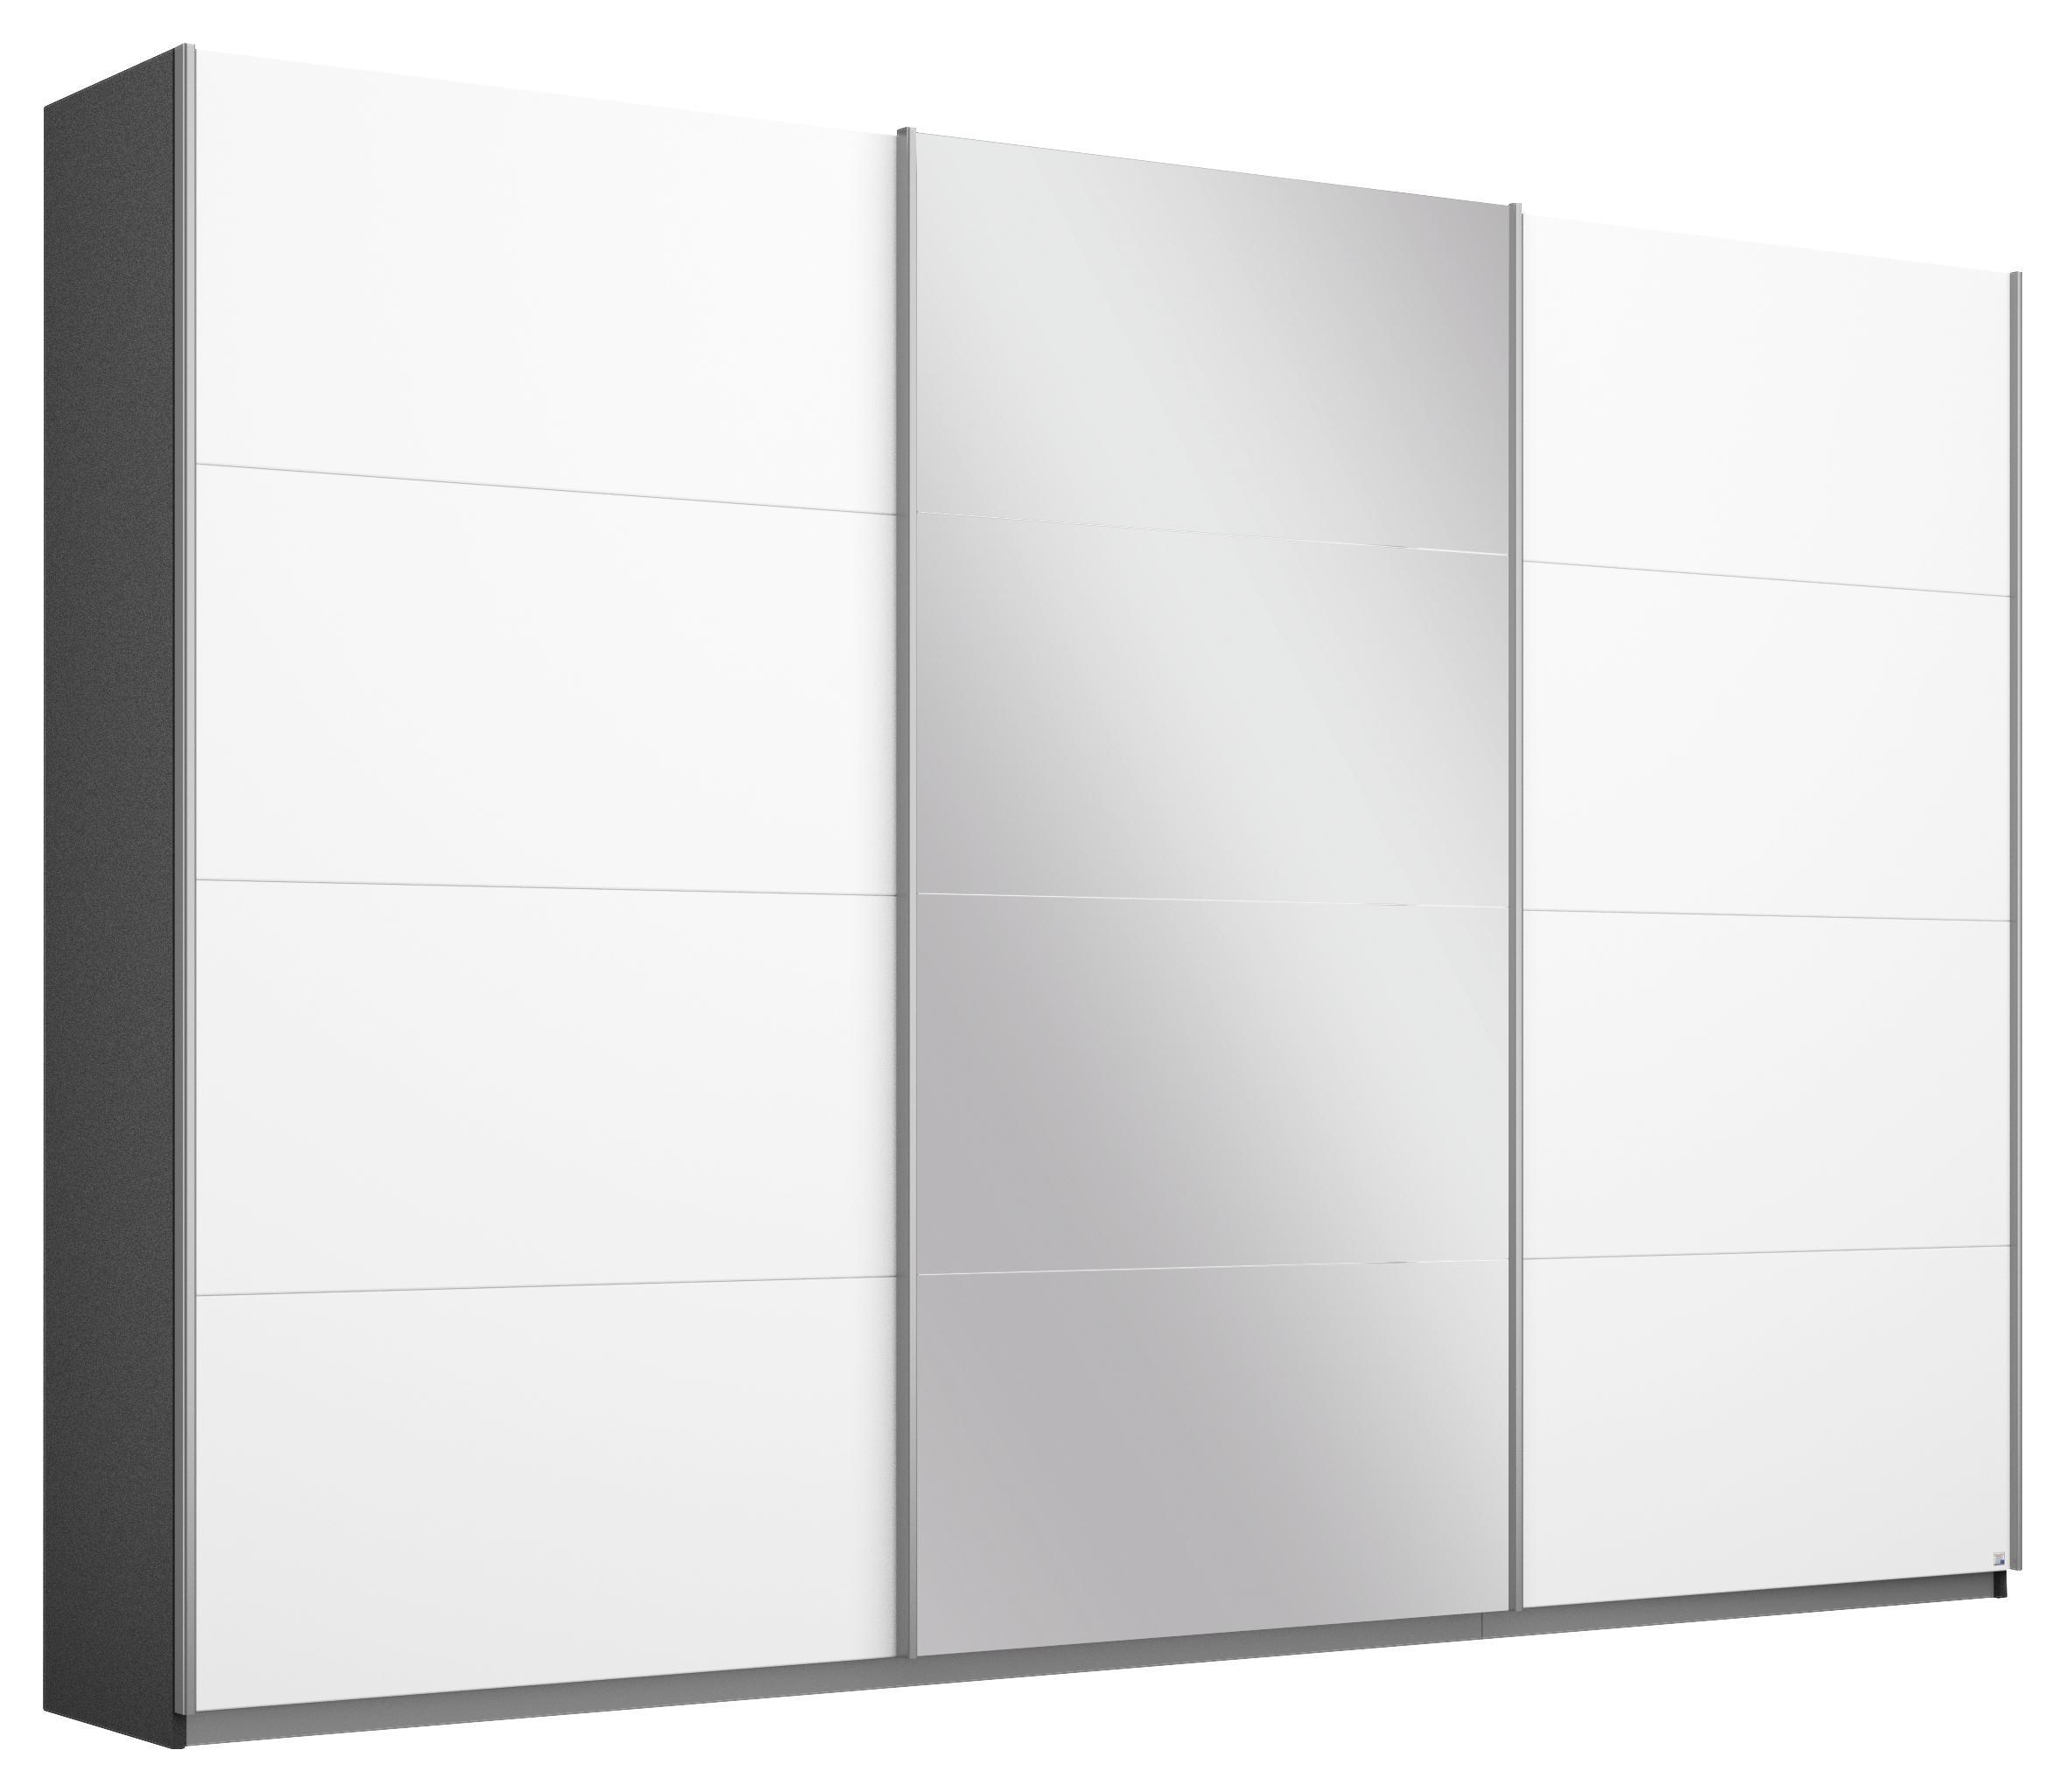 Schwebetürenschrank Belluno Weiß Grau Metallic